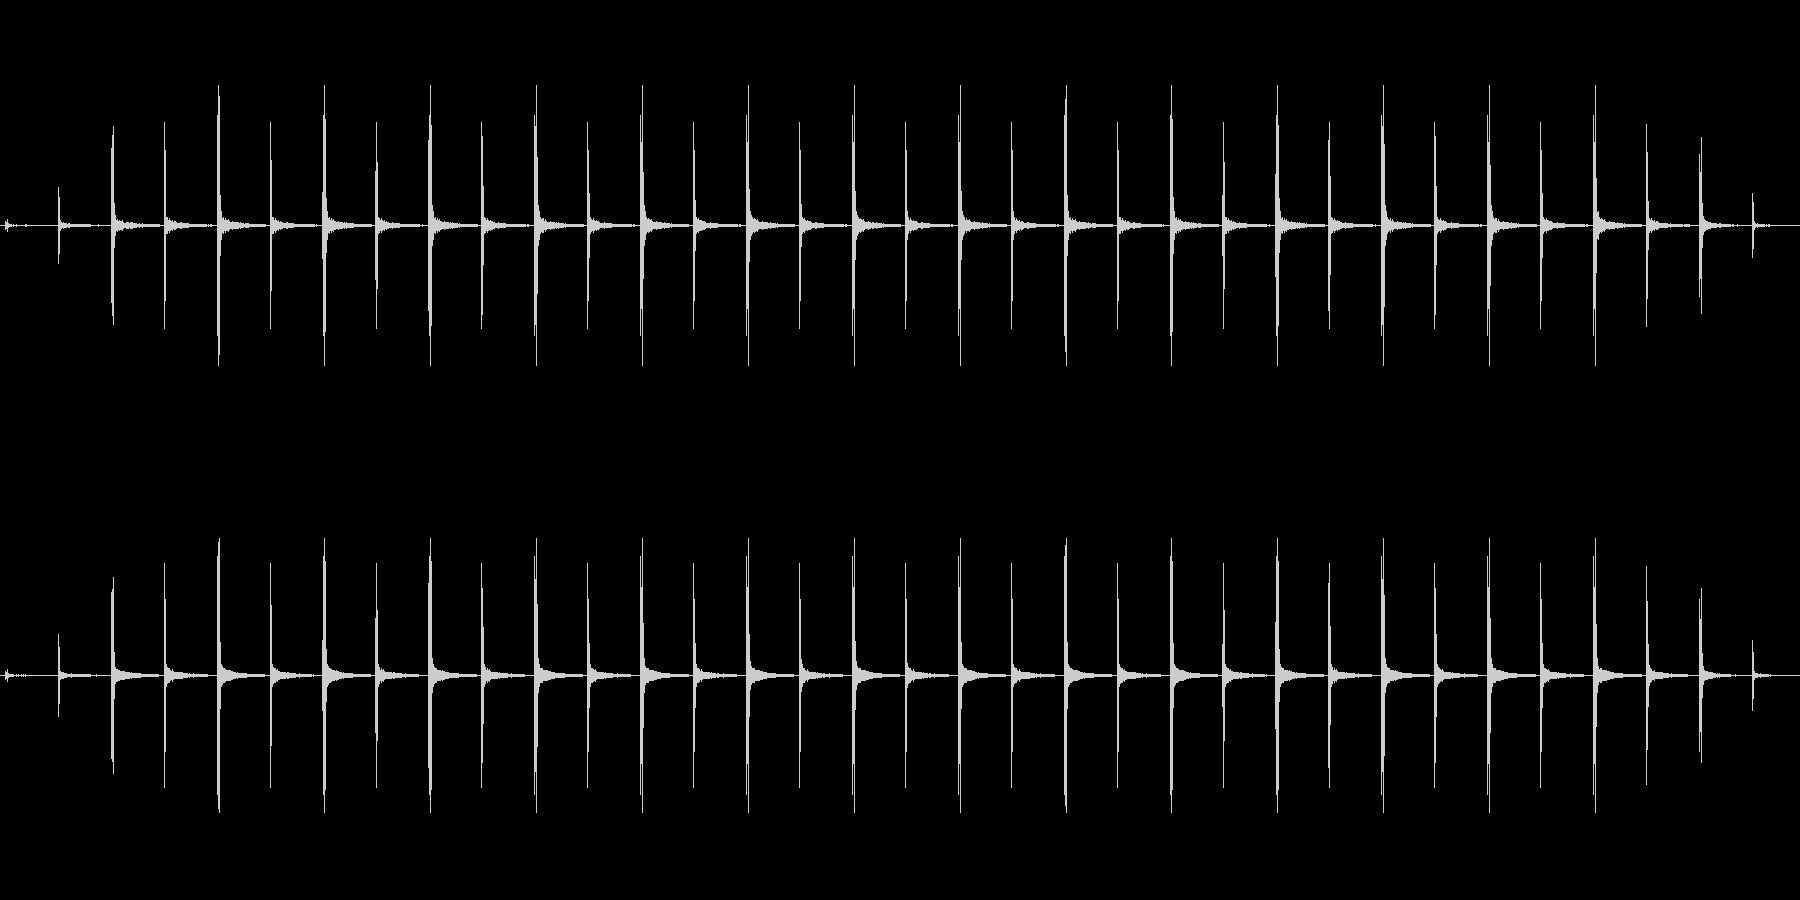 時計 ticktock_39-5_revの未再生の波形